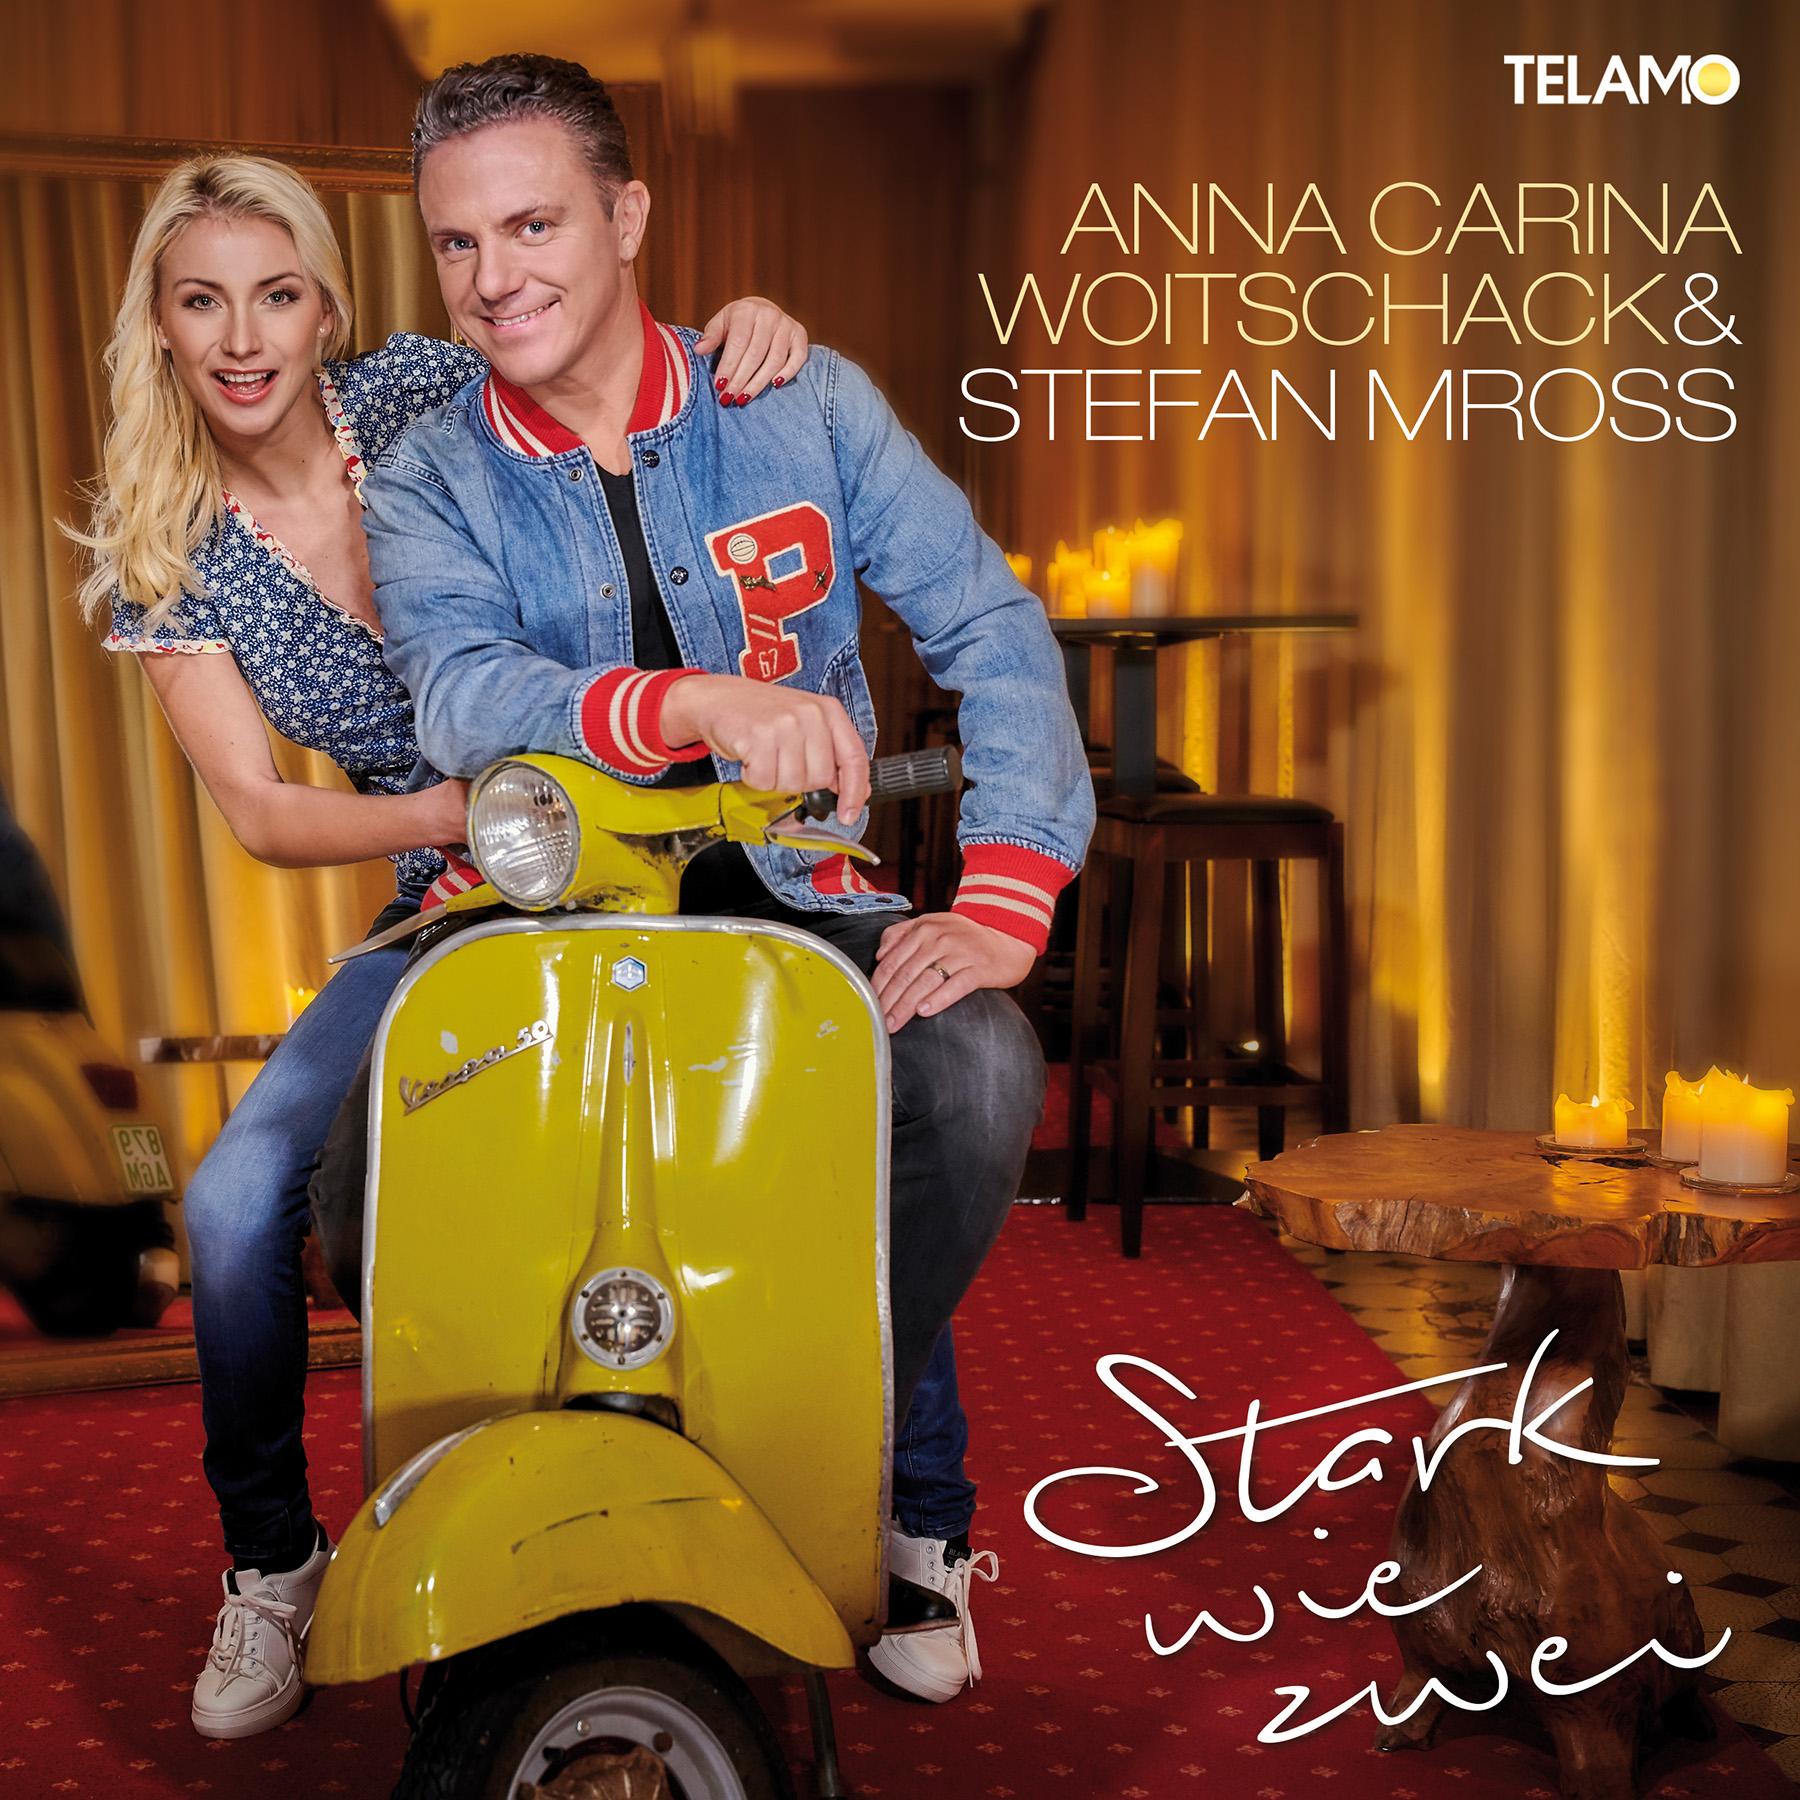 ANNA-CARINA WOITSCHACK & STEFAN MROSS * Stark wie zwei (CD)